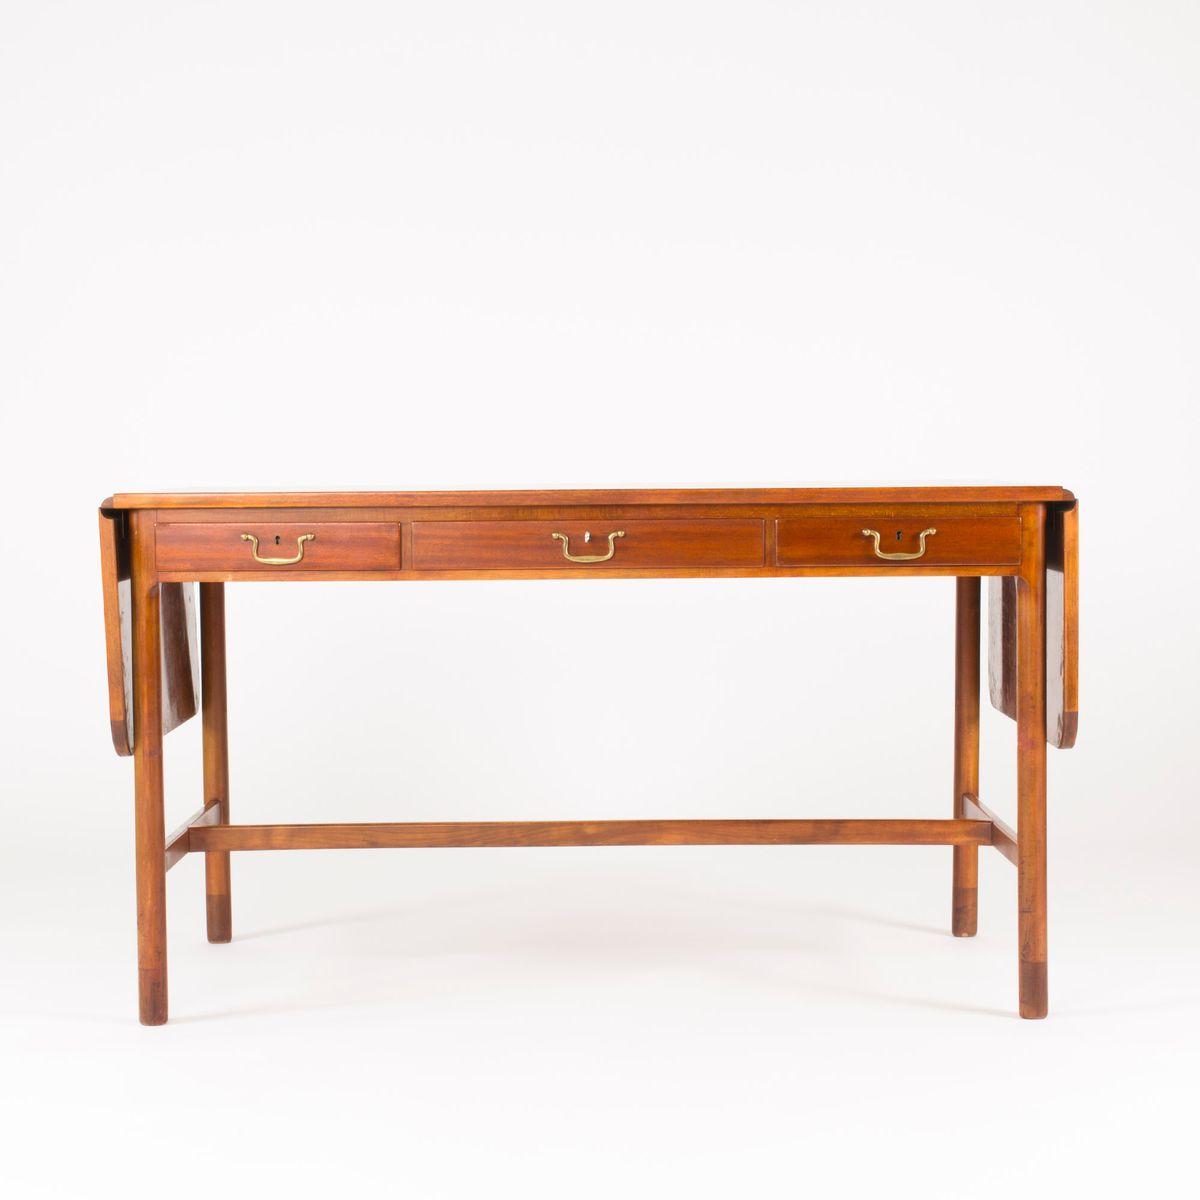 Mahagoni schreibtisch von josef frank f r svenskt tenn for Schreibtisch 2 meter lang